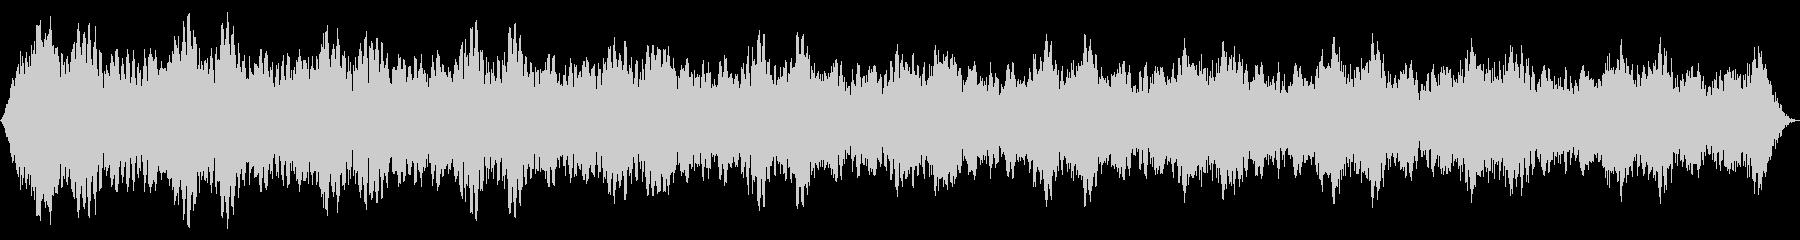 ソフトパルスシンセドローンの未再生の波形